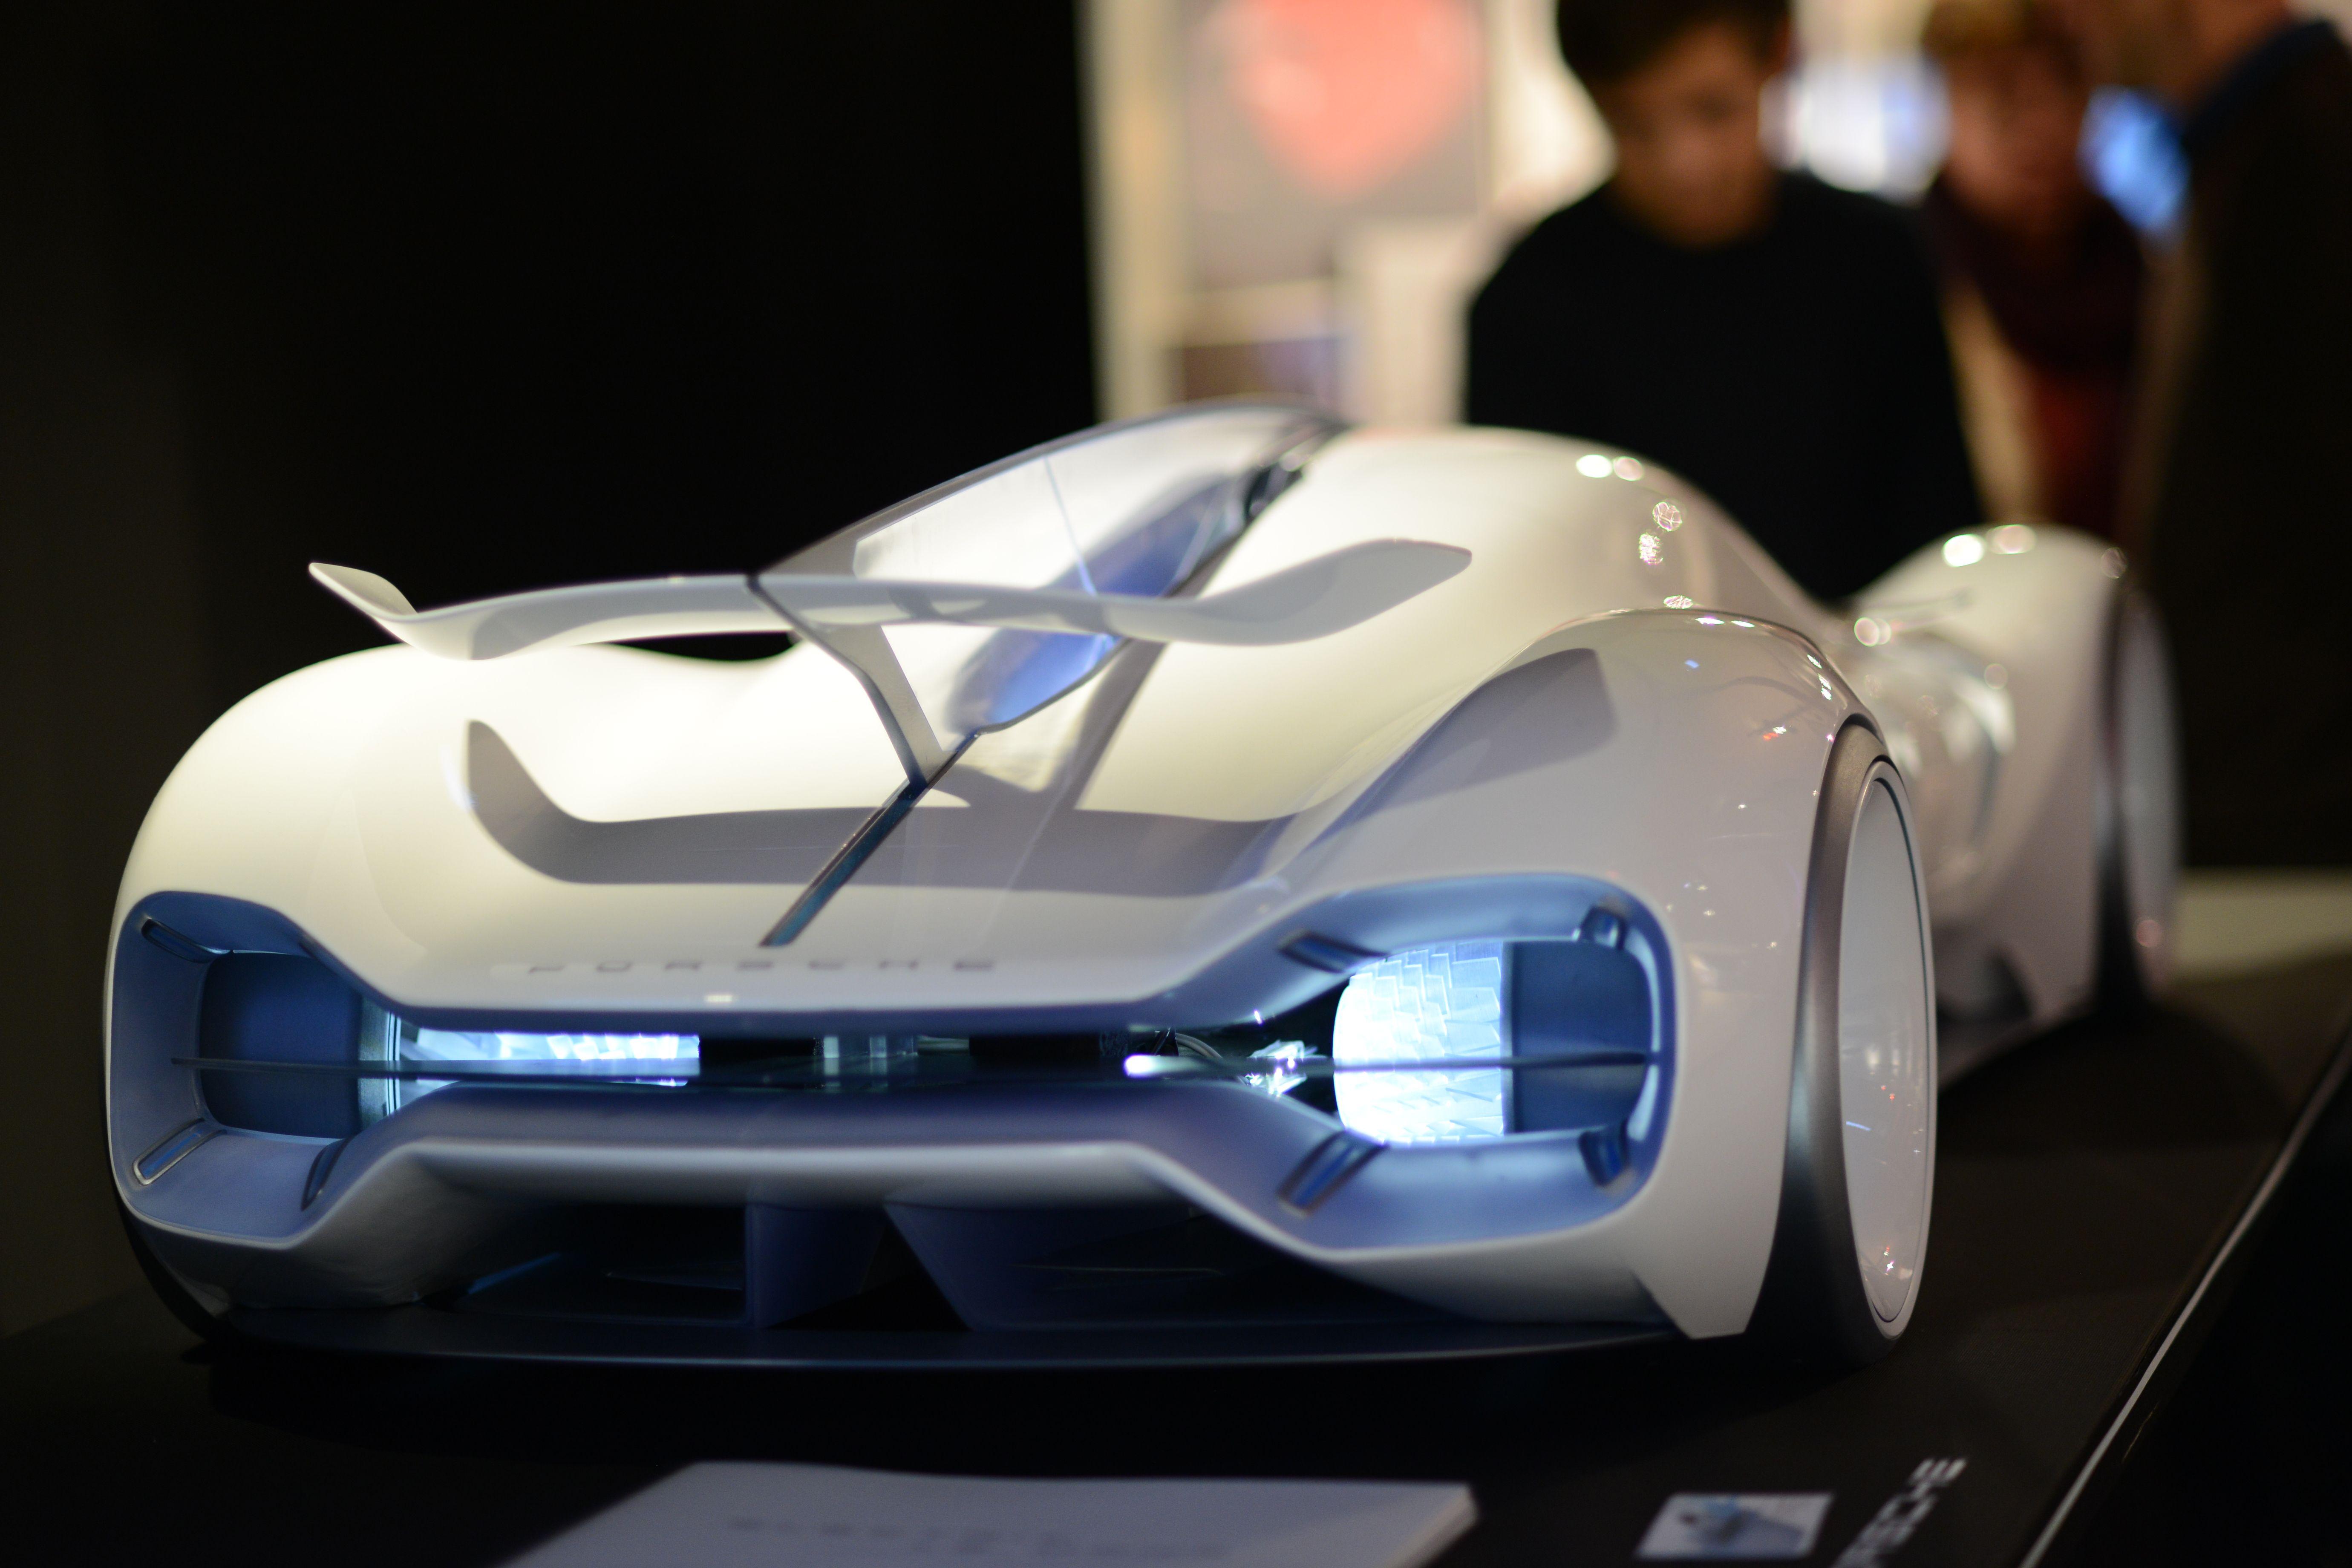 Impressionen Degree Show Winter 14 15 Design Pf Blog Fakultat Fur Gestaltung Hs Pforzheim Konzeptfahrzeuge Futuristische Fahrzeuge Super Autos